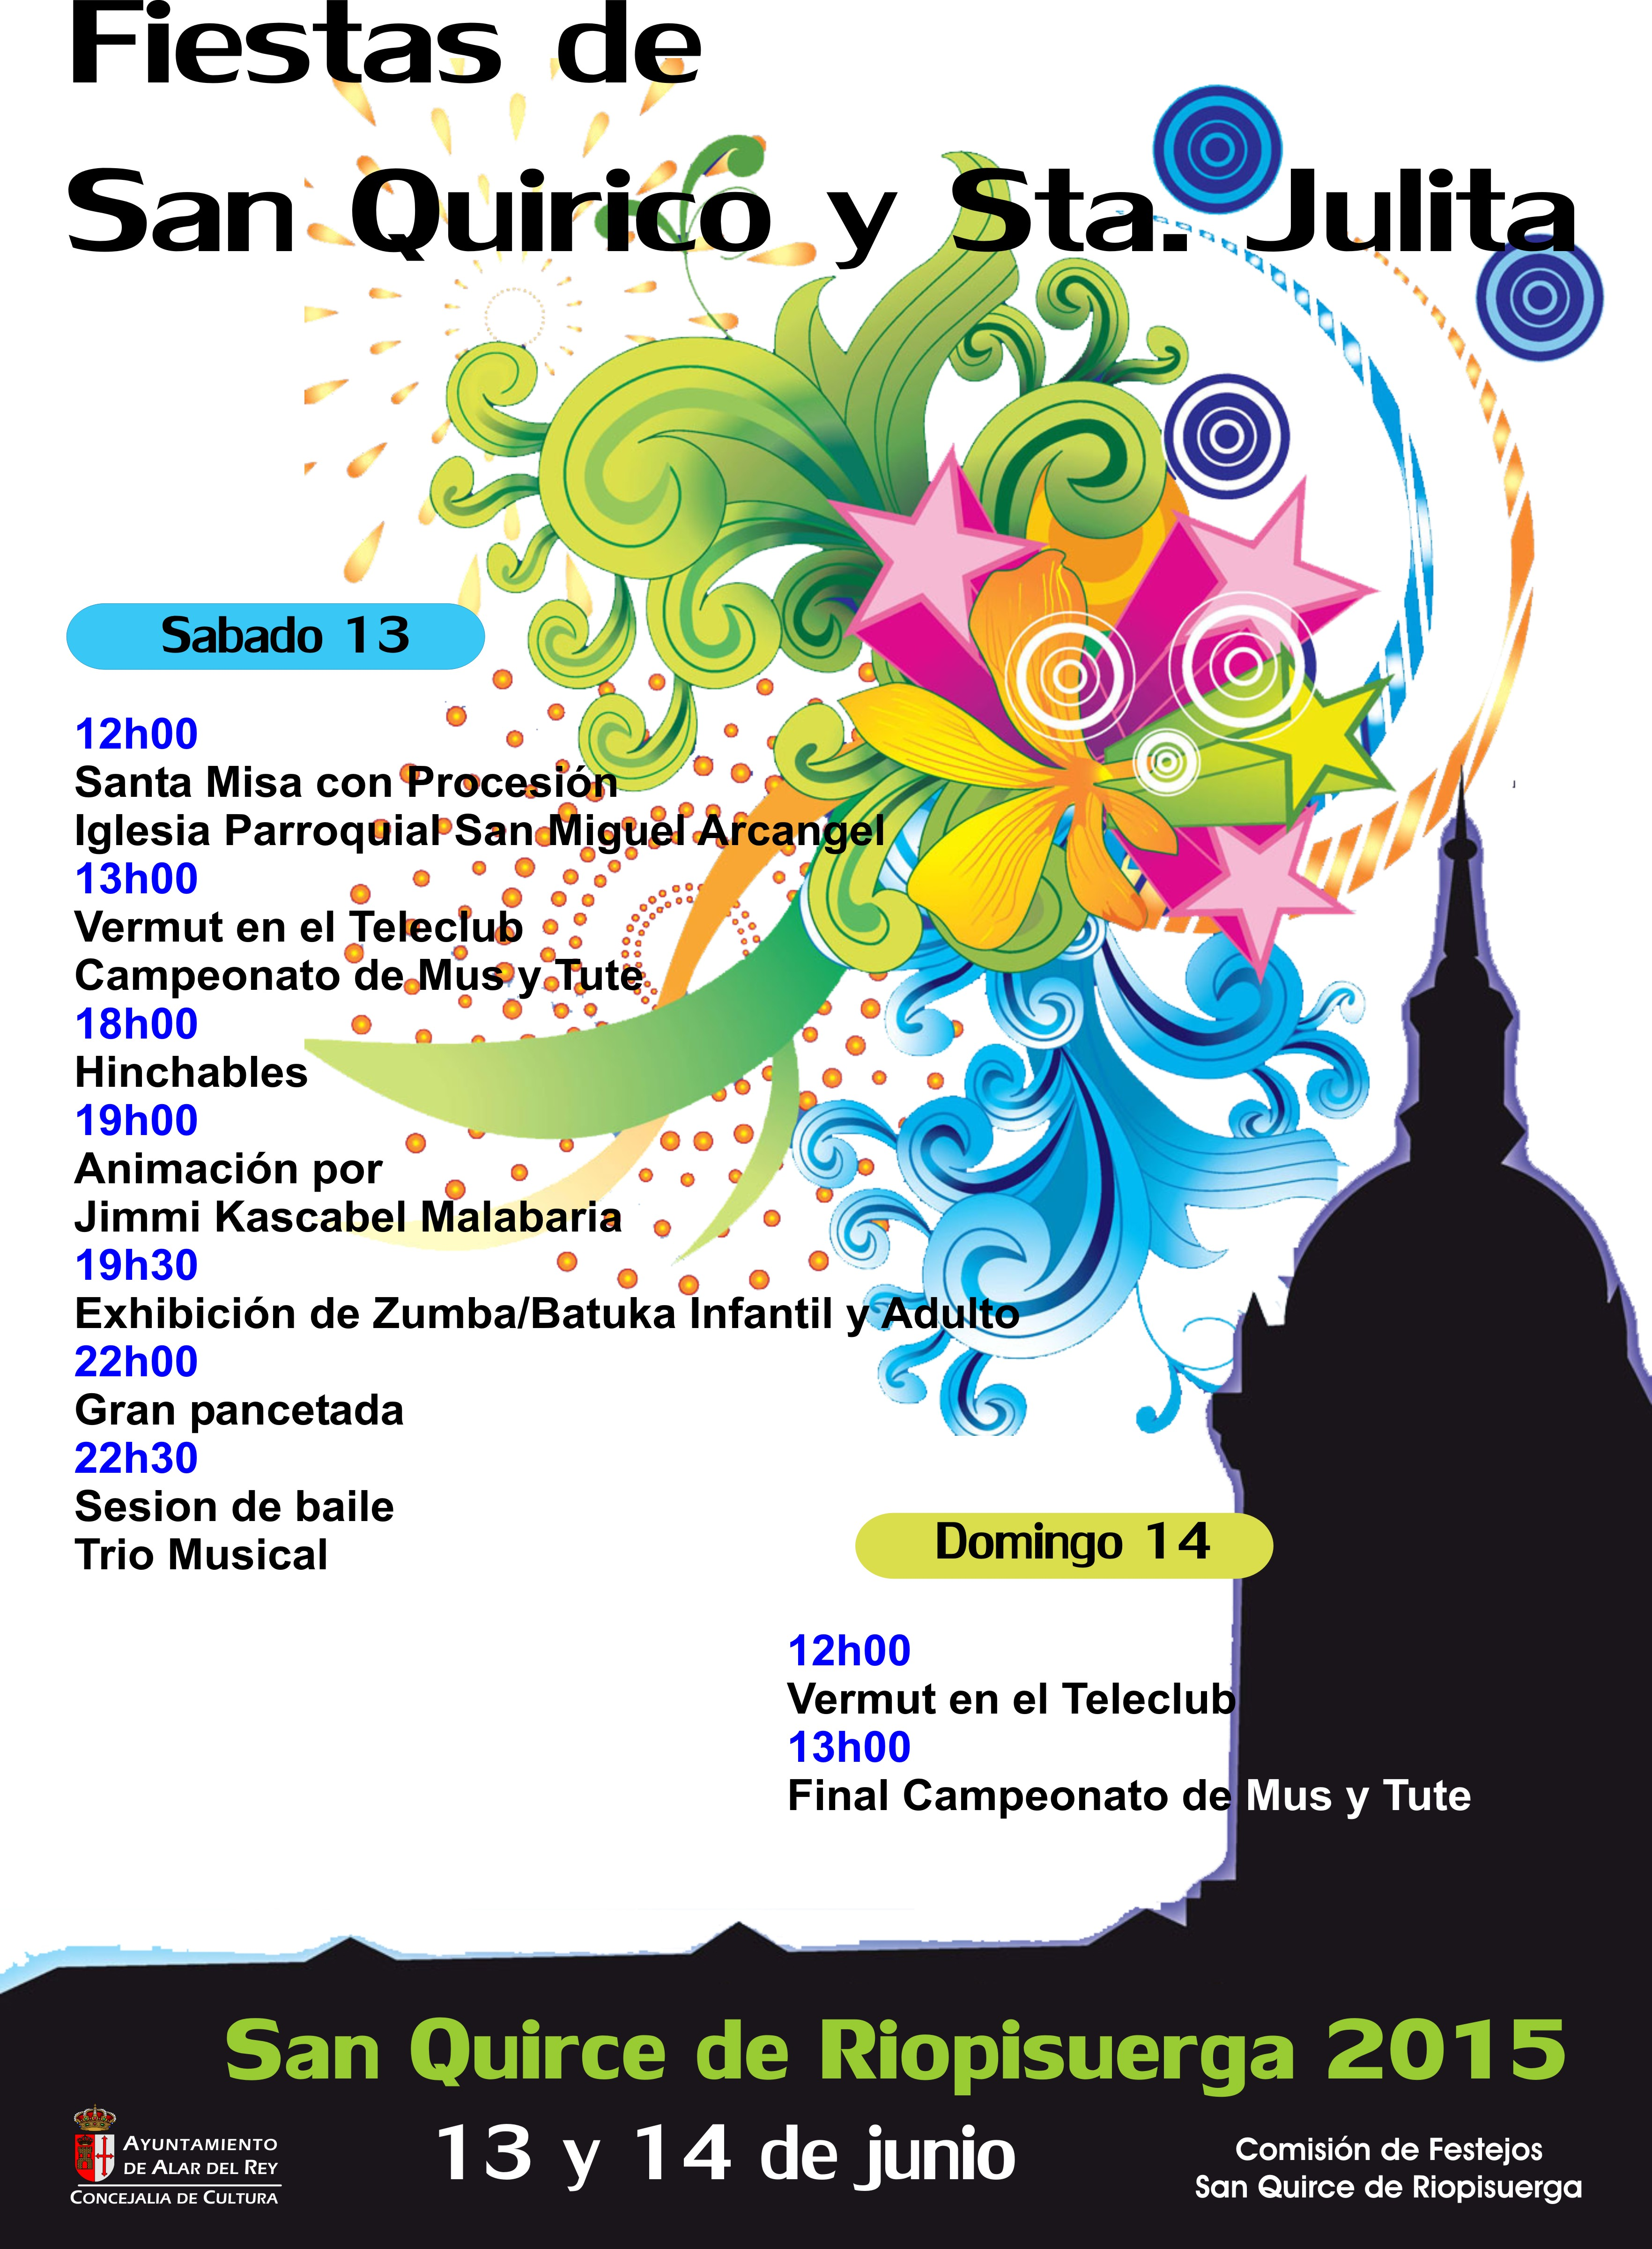 FIESTAS DE SAN QUIRICO Y SANTA JULITA en SAN QUIRCE DE RIOPISUERGA, 13 y 14 de Junio